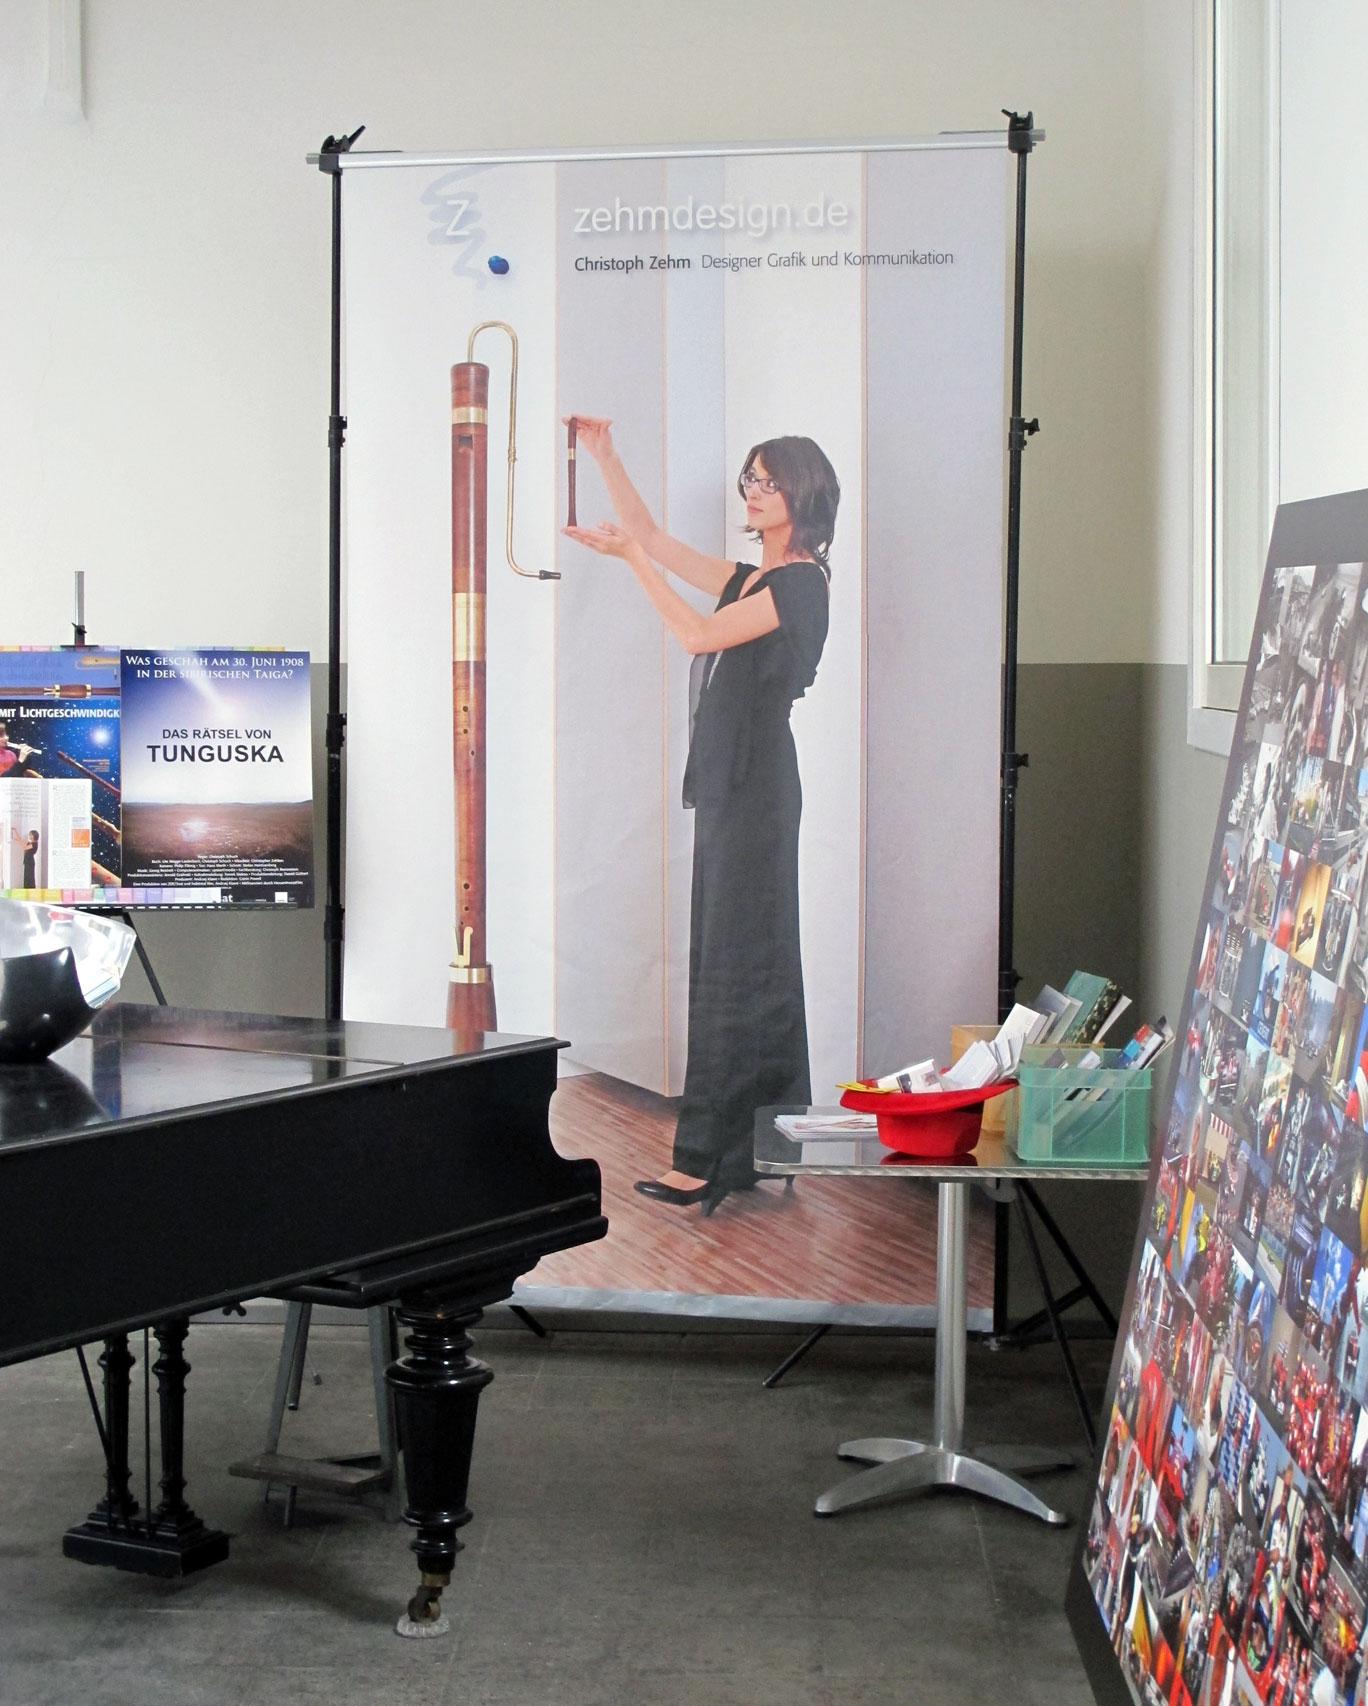 Zehmdesign in der Medienakademie Wiesbaden